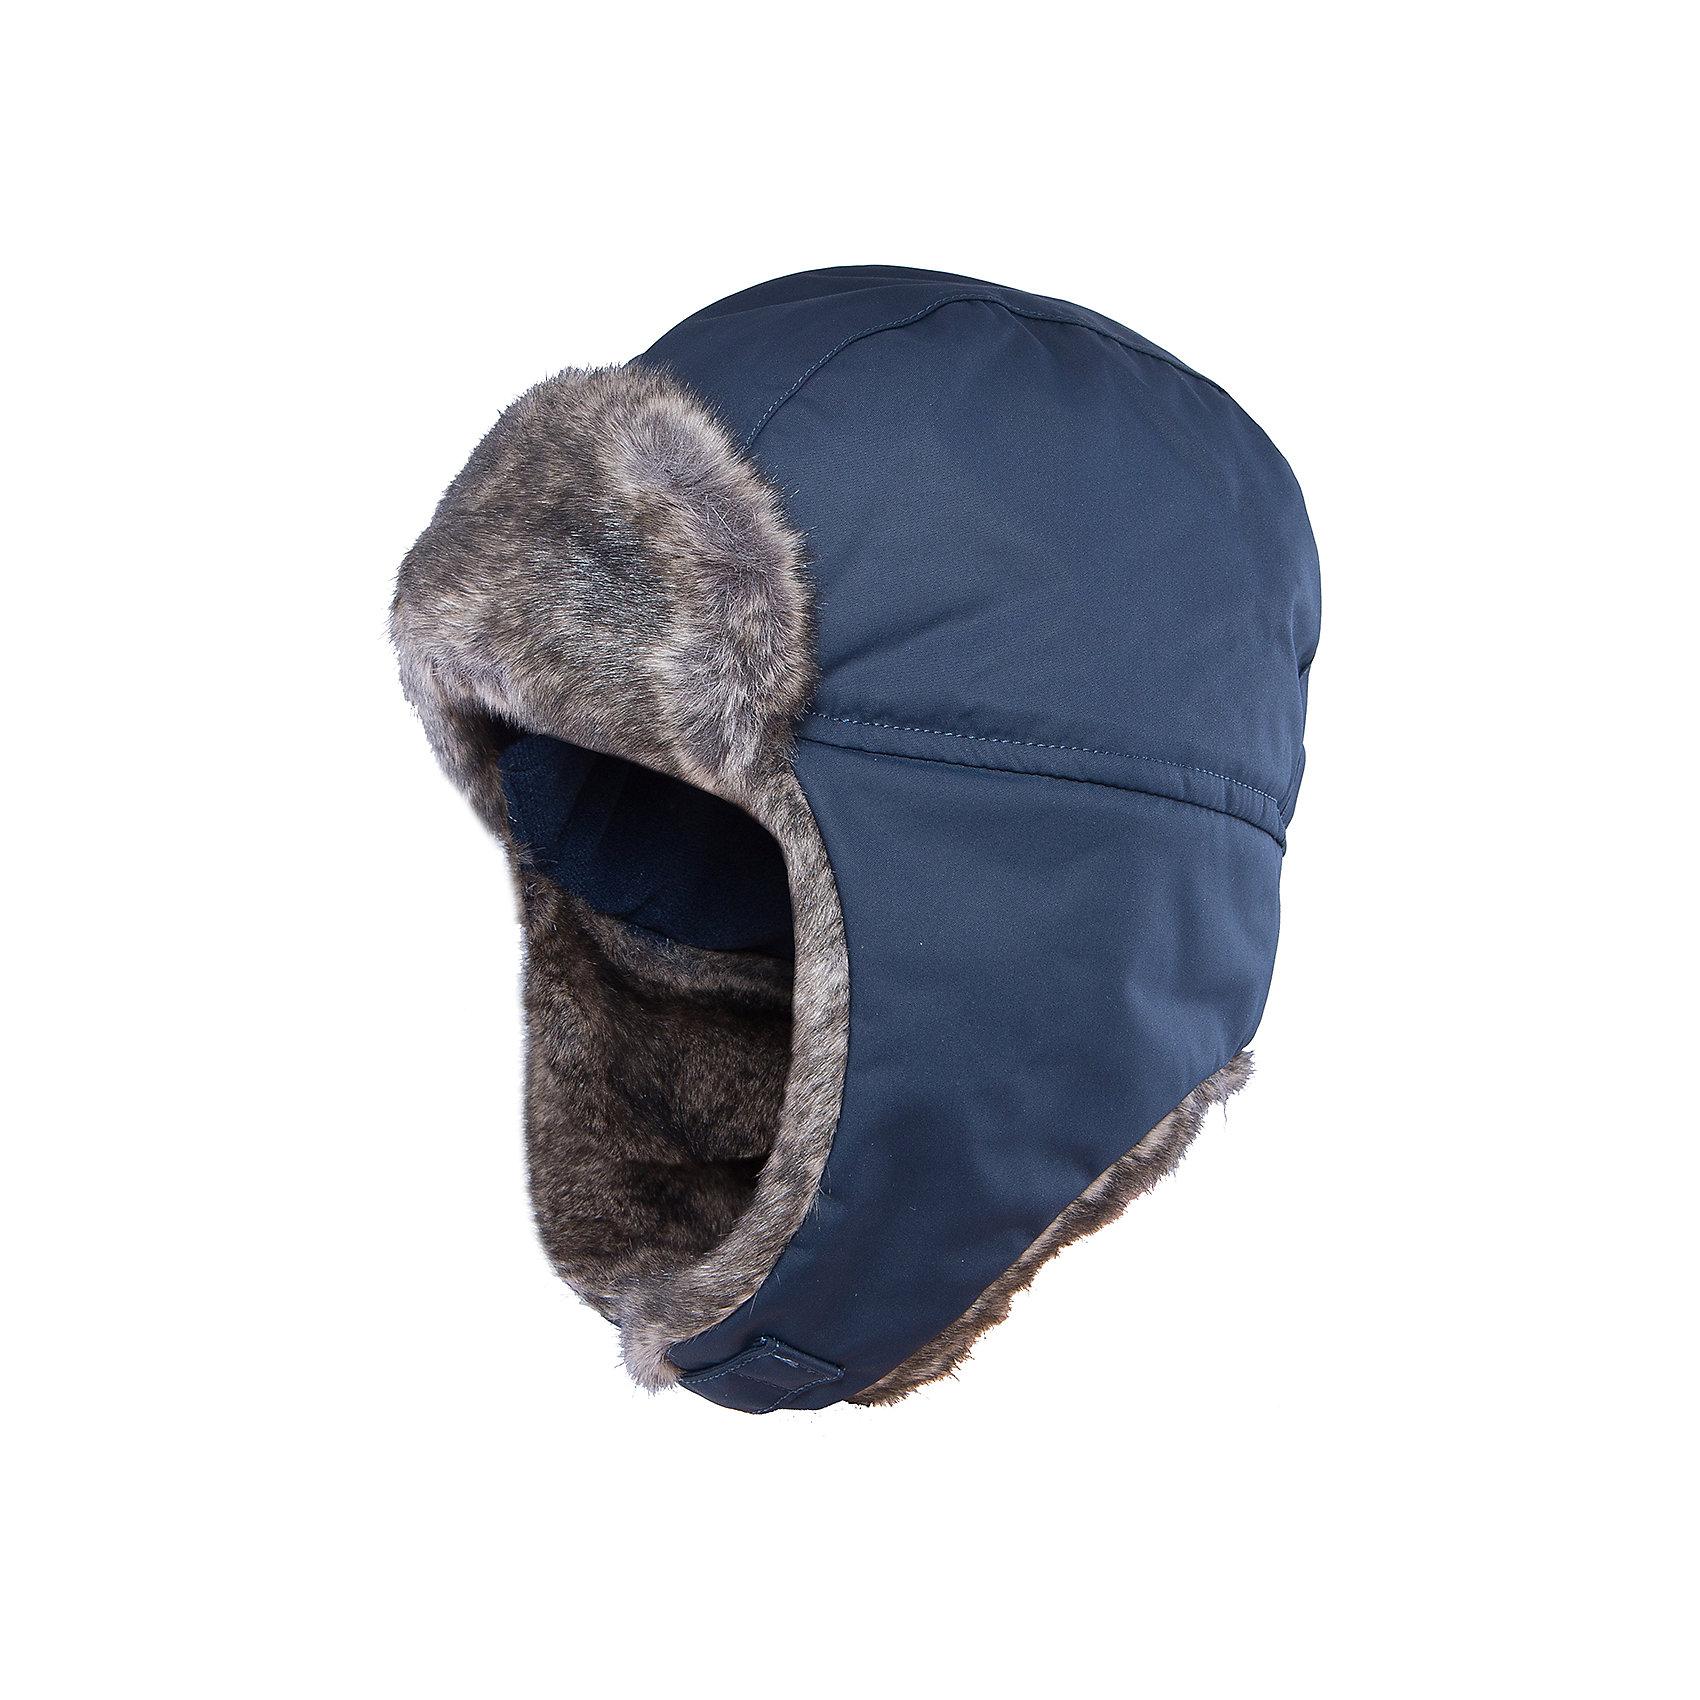 Шапка Ilves для мальчика ReimaШапки и шарфы<br>Шапка  Reima<br>Зимняя шапка для детей и подростков. Все швы проклеены и водонепроницаемы. Водо- и ветронепроницаемый «дышащий» материал. Стильный защитный козырек. Подкладка из полиэстера с начесом. Средняя степень утепления. Светоотражающий элемент сзади.<br>Утеплитель: Reima® Comfortinsulation,100 g<br>Уход:<br>Стирать по отдельности. Стирать моющим средством, не содержащим отбеливающие вещества. Полоскать без специального средства. Можно сушить в сушильном шкафу или центрифуге (макс. 40° C).<br>Состав:<br>100% Полиамид, полиуретановое покрытие<br><br>Ширина мм: 89<br>Глубина мм: 117<br>Высота мм: 44<br>Вес г: 155<br>Цвет: синий<br>Возраст от месяцев: 84<br>Возраст до месяцев: 144<br>Пол: Мужской<br>Возраст: Детский<br>Размер: 56,48,52,50,54,58<br>SKU: 4777773